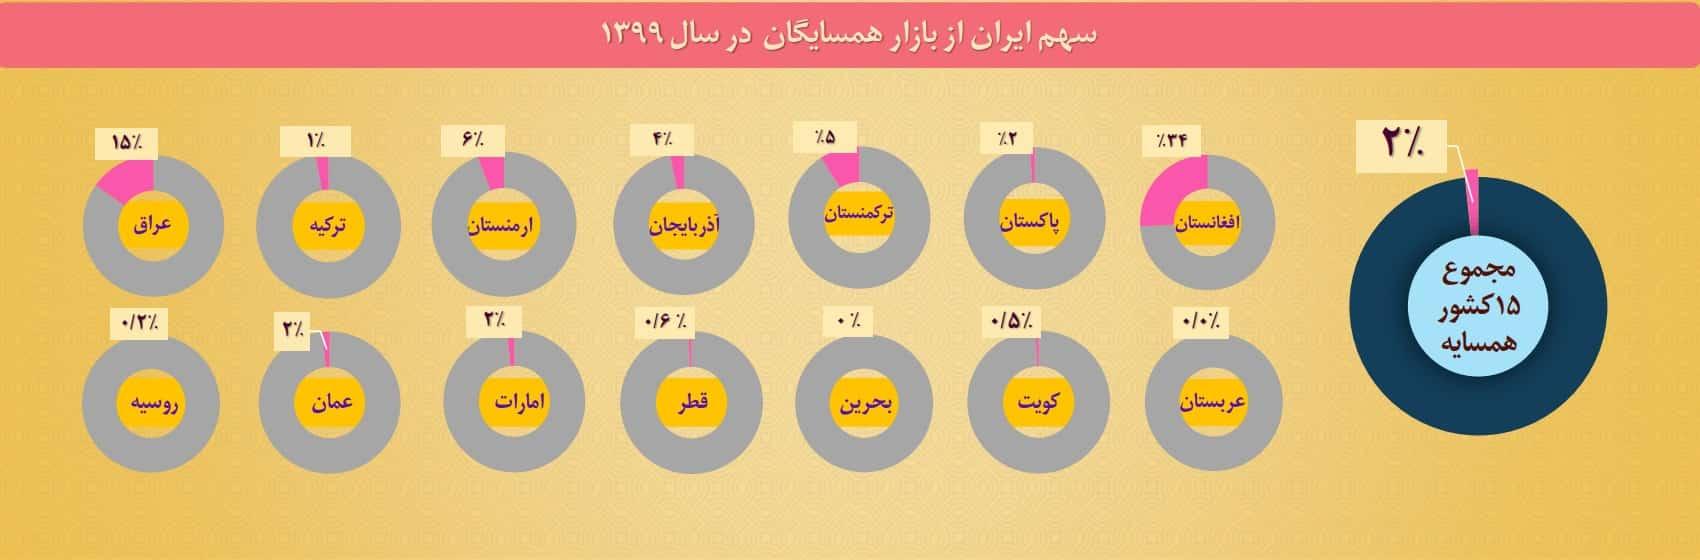 سهم ایران از بازار کشورهای همسایه